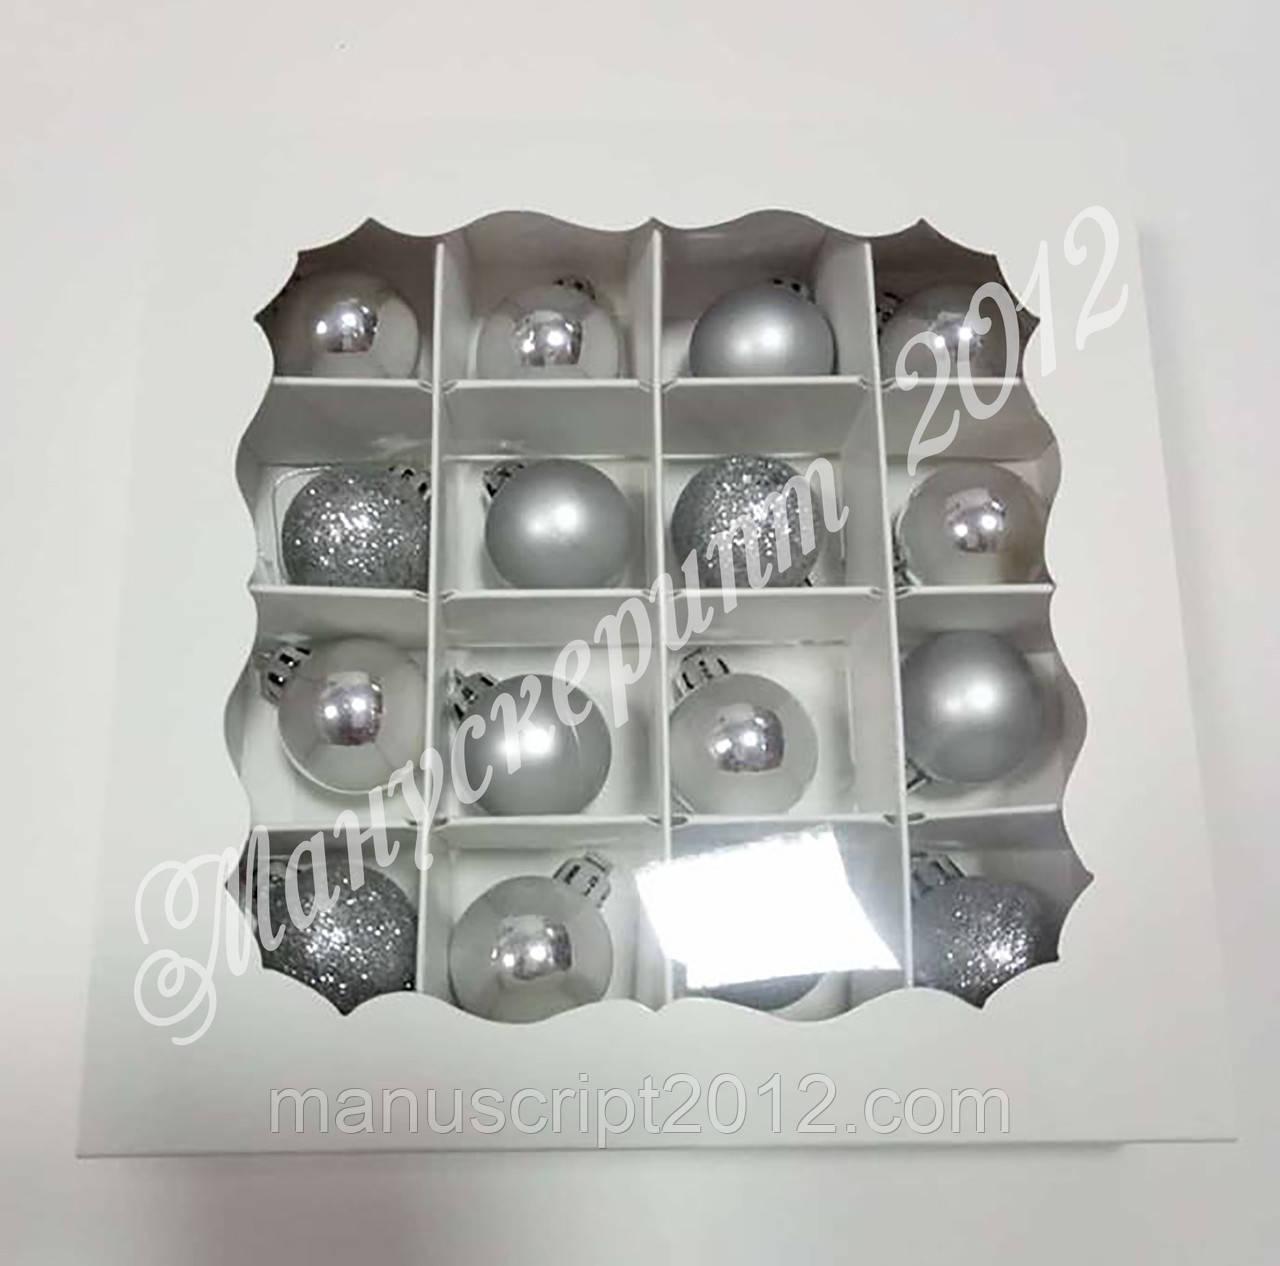 Коробка 160х160х30 мм. для 16 шариков (игрушек)